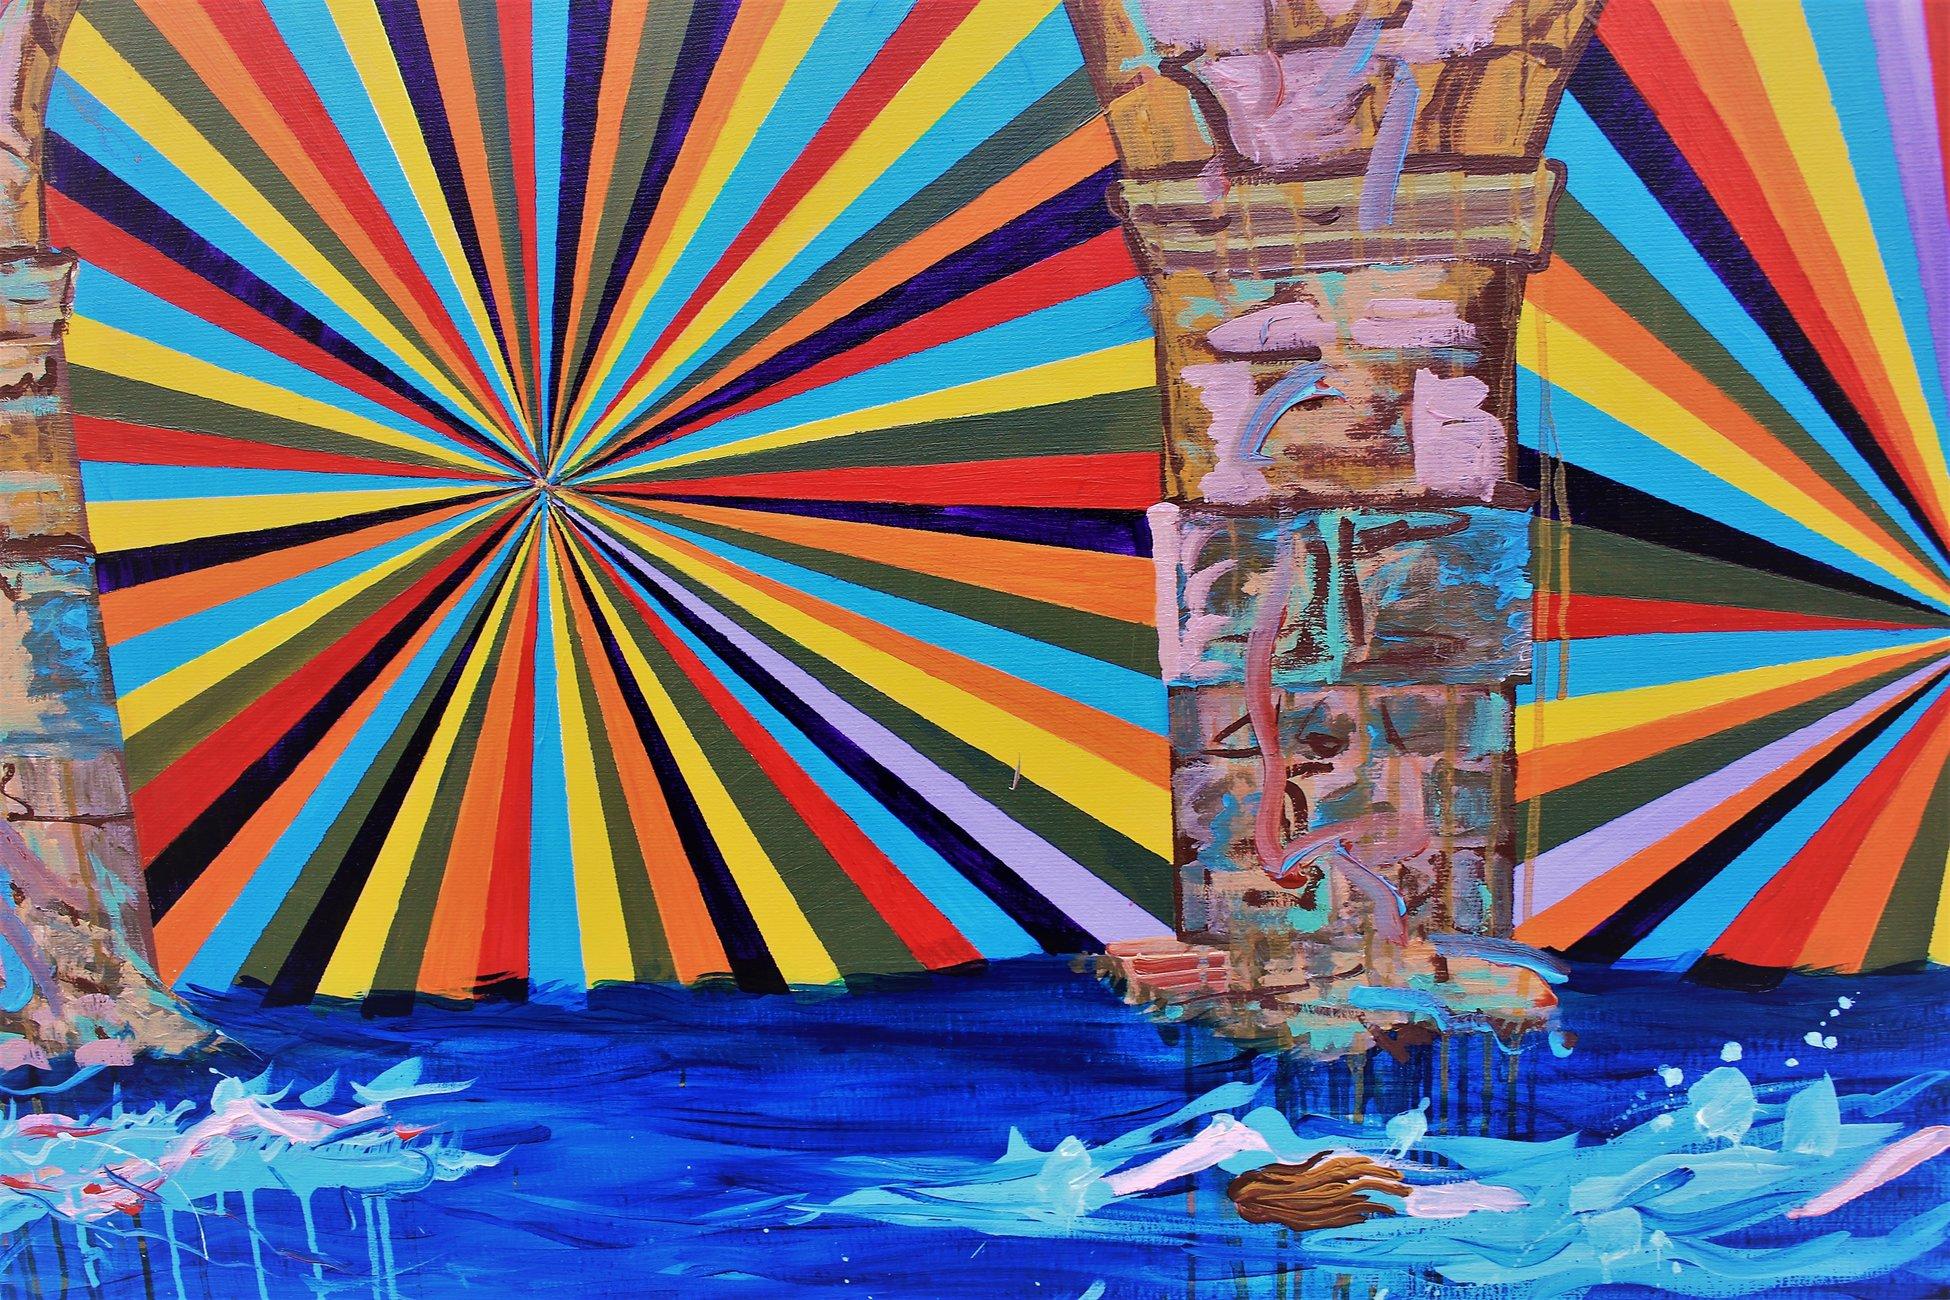 malerier, ekspressionistiske, figurative, portræt, arkitektur, blå, akryl, hørlærred, ekspressionisme, vand, Køb original kunst af den højeste kvalitet. Malerier, tegninger, limited edition kunsttryk & plakater af dygtige kunstnere.